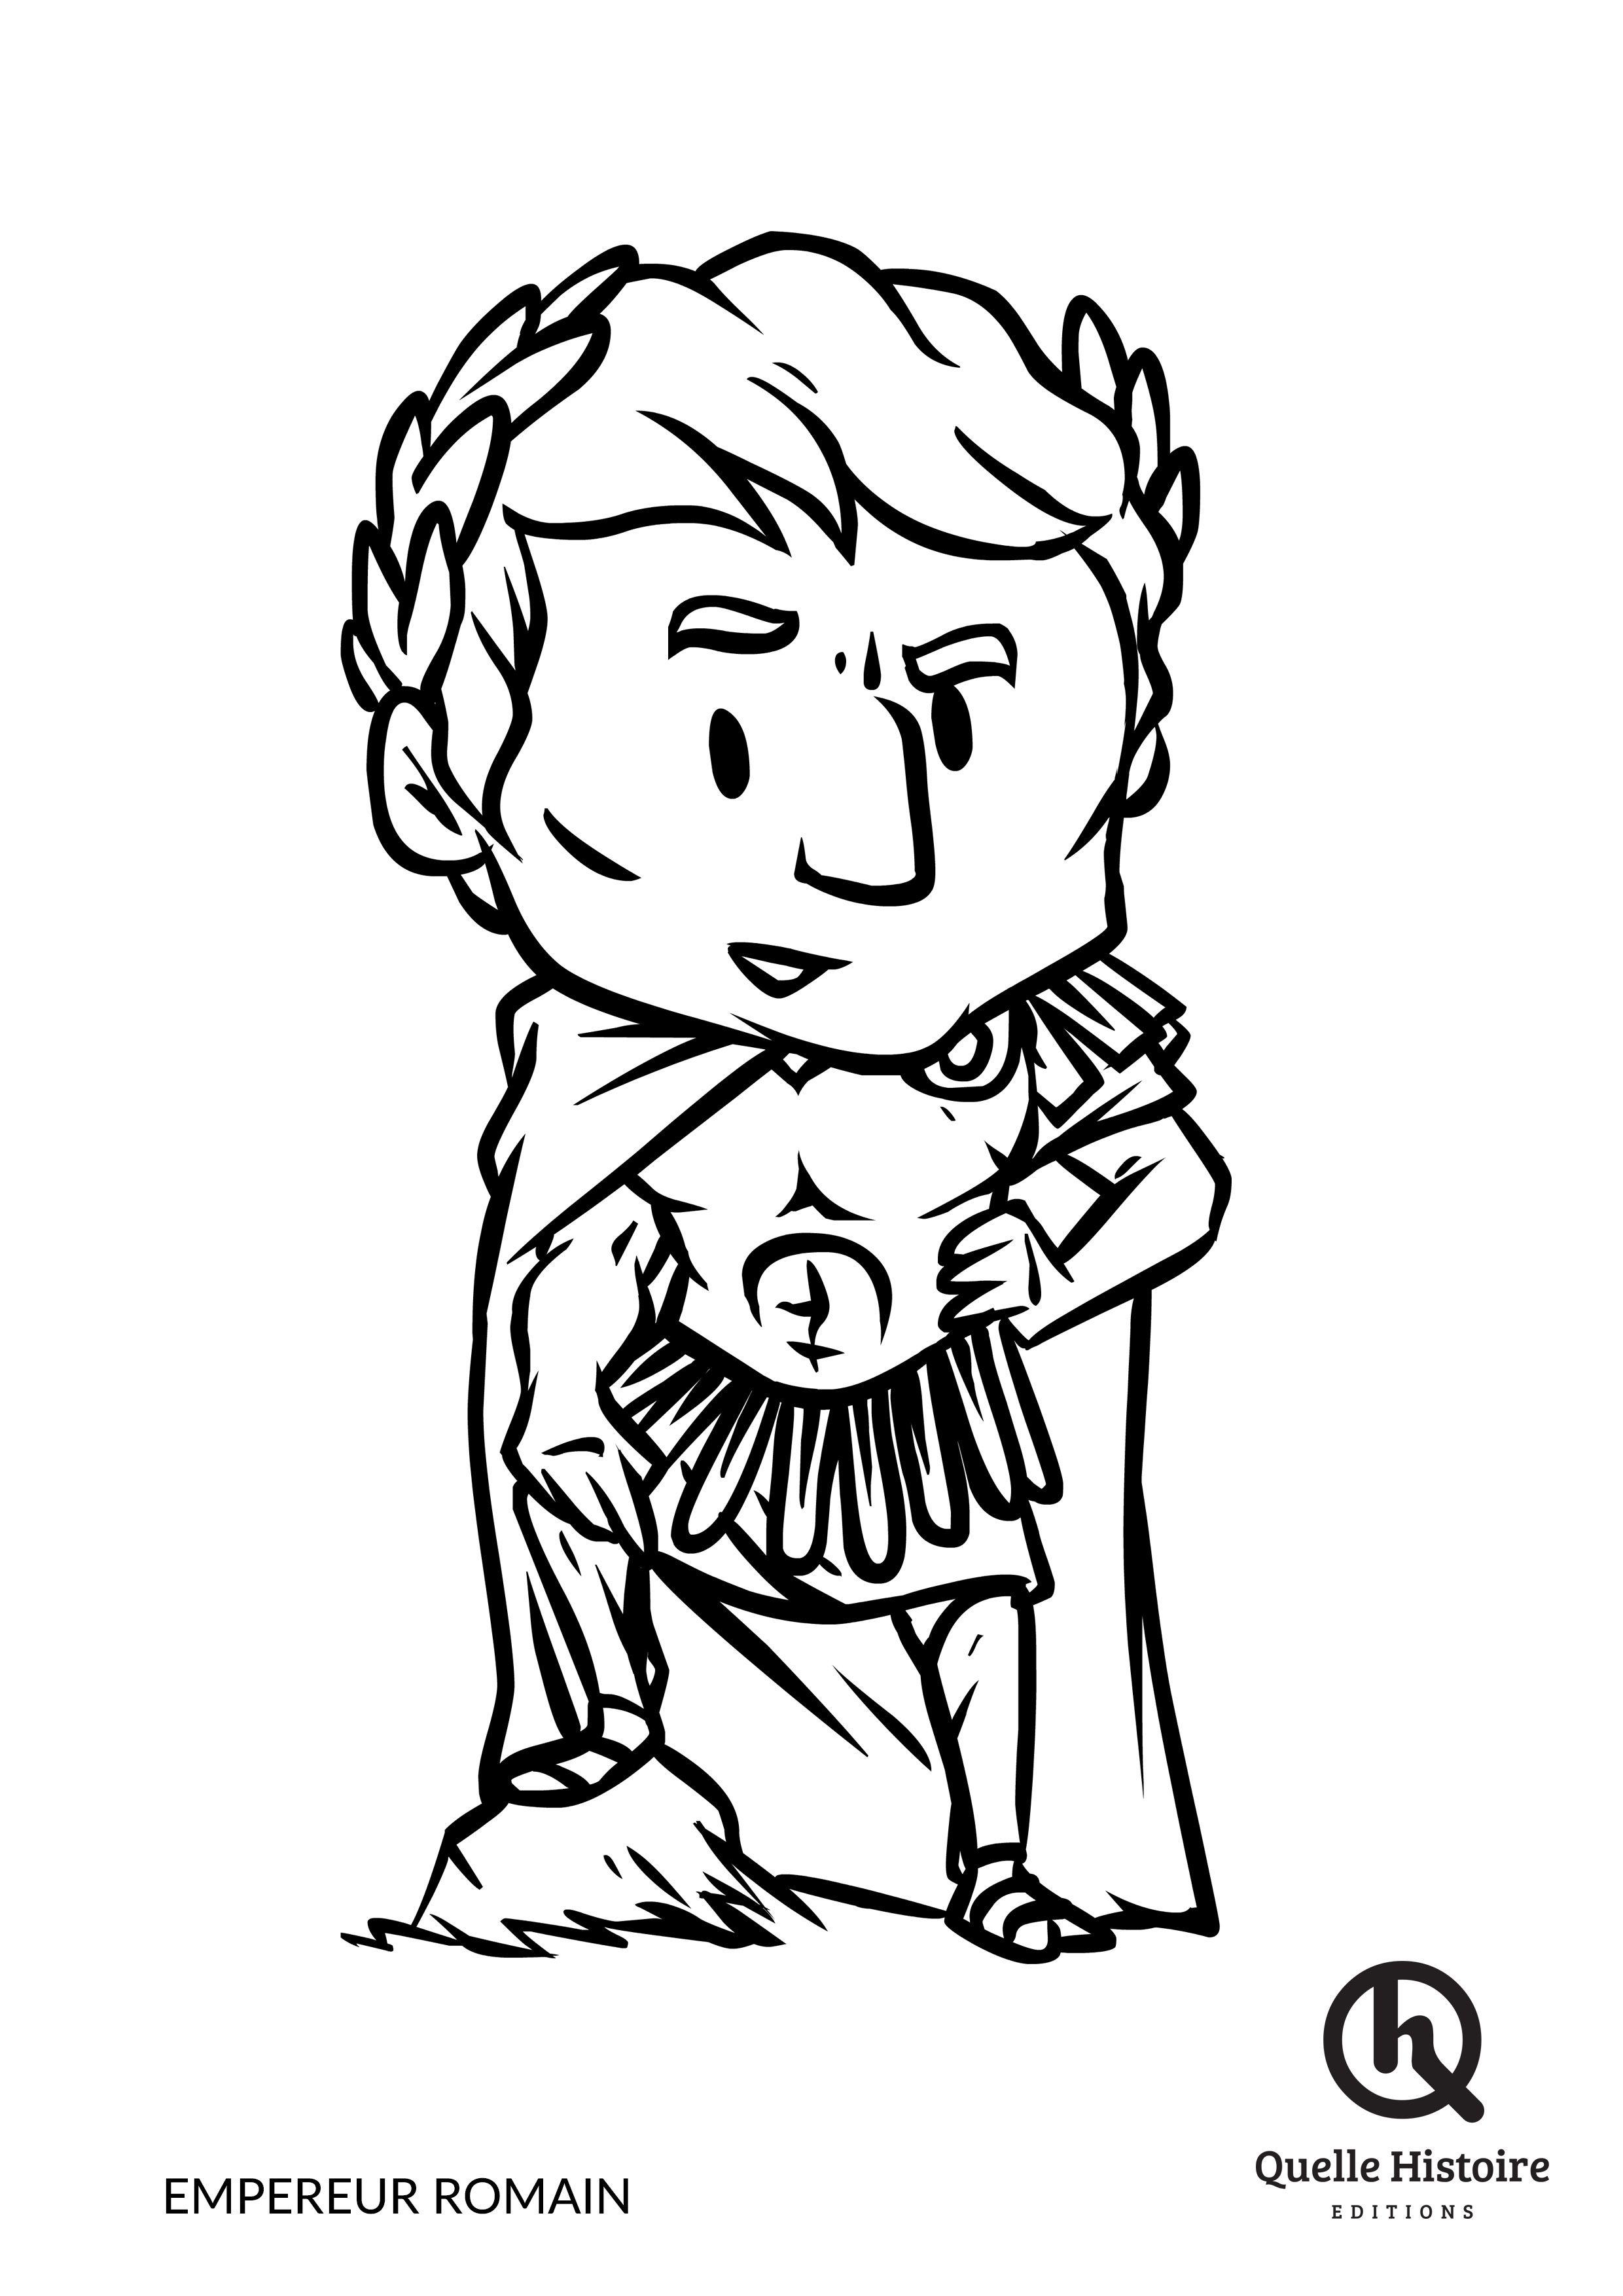 Empereur Romain - Coloriage - Quelle Histoire Edtions dedans Imprimer Coloriage